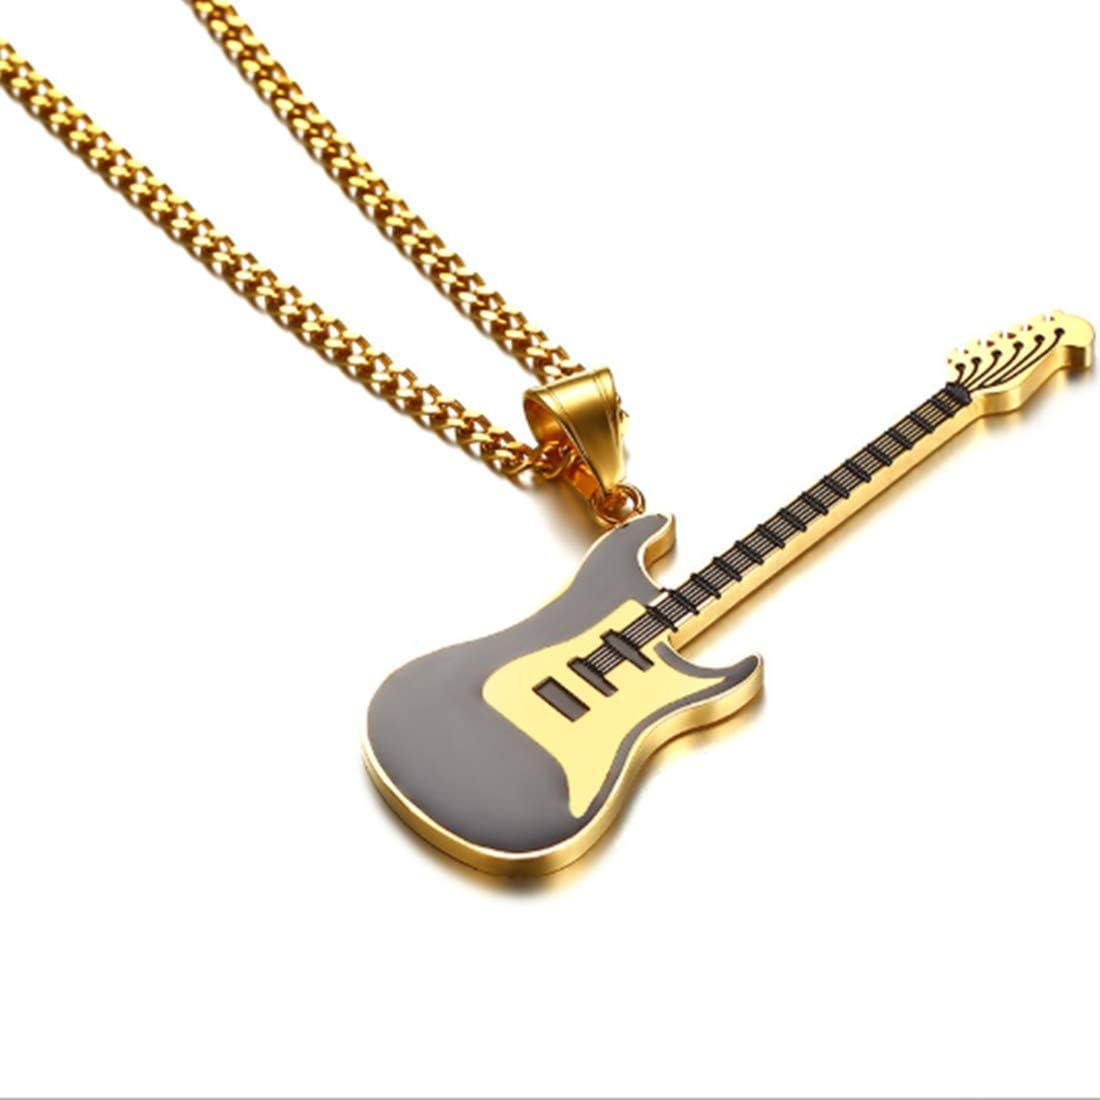 KUANDARMX Regalo de Amante Collar De Acero De Titanio Exquisito Y Hermoso Collar Colgante De Guitarra De Vintage Colgante De Cadena De Suéter De Acero De Titanio Embalaje Boutique